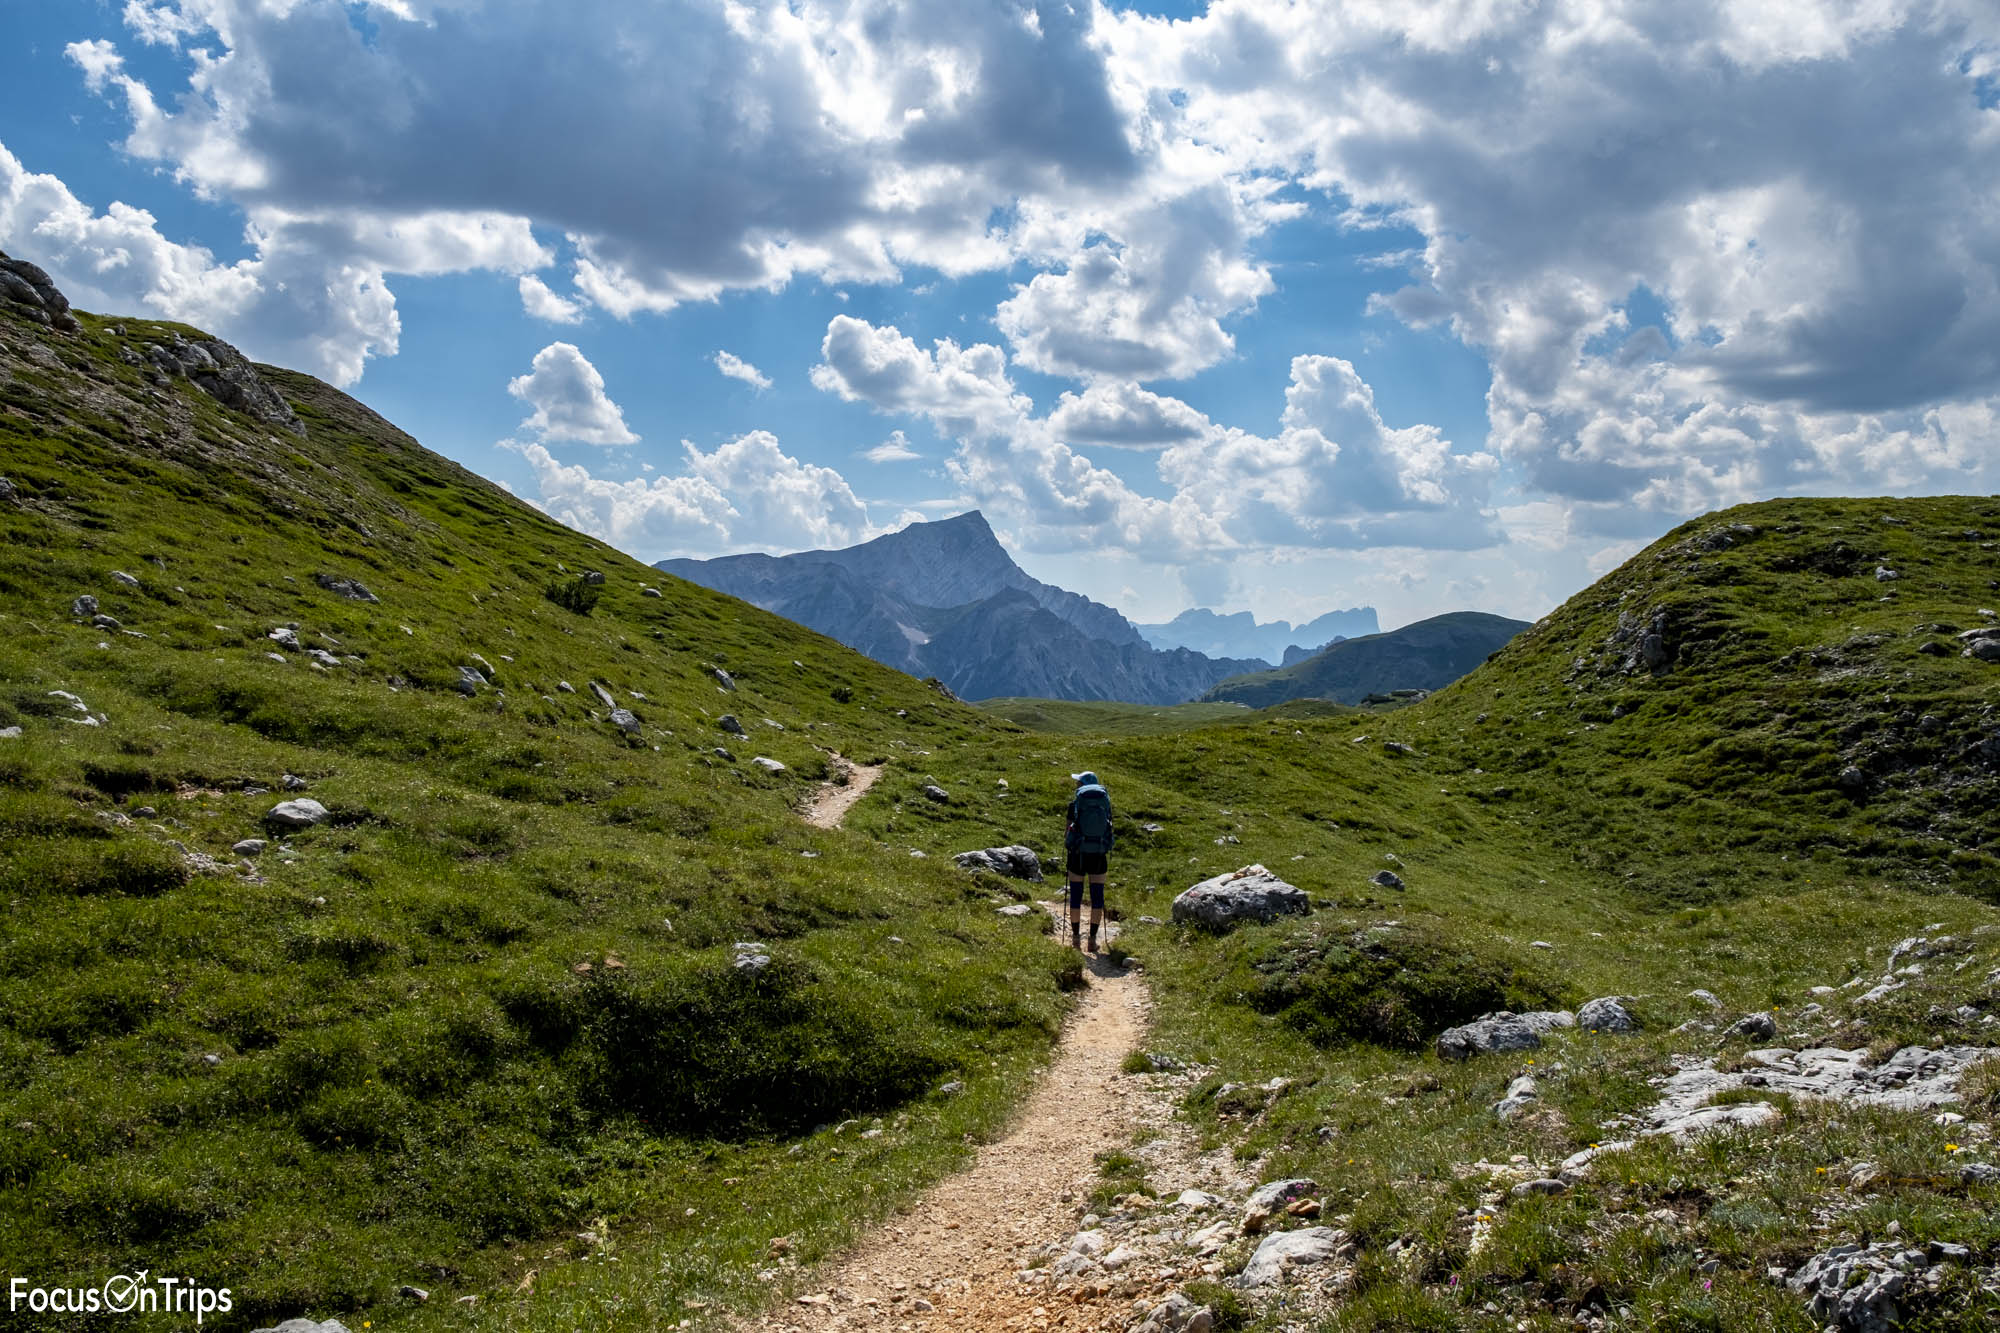 Alta Via 1 delle Dolomiti: le nostre 8 tappe